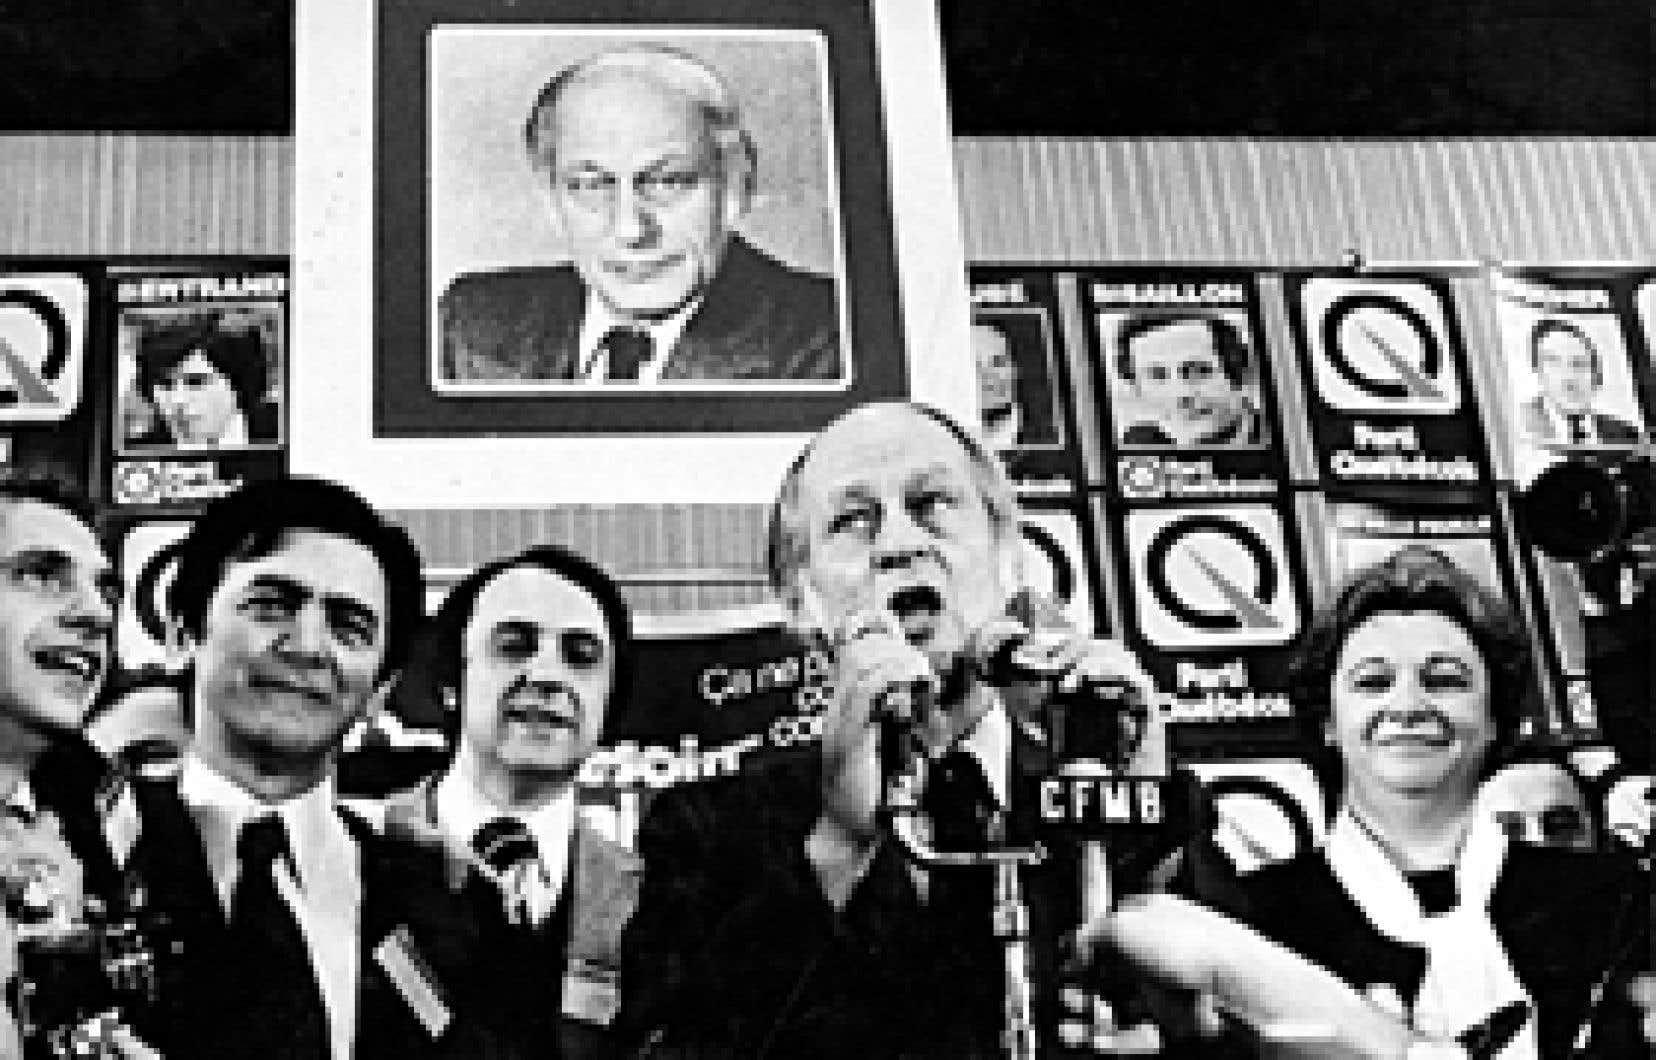 Dans René Lévesque. Mythes et réalités, Alexandre Stefanescu constate que Lévesque «est devenu la principale référence du monde politique québécois.»